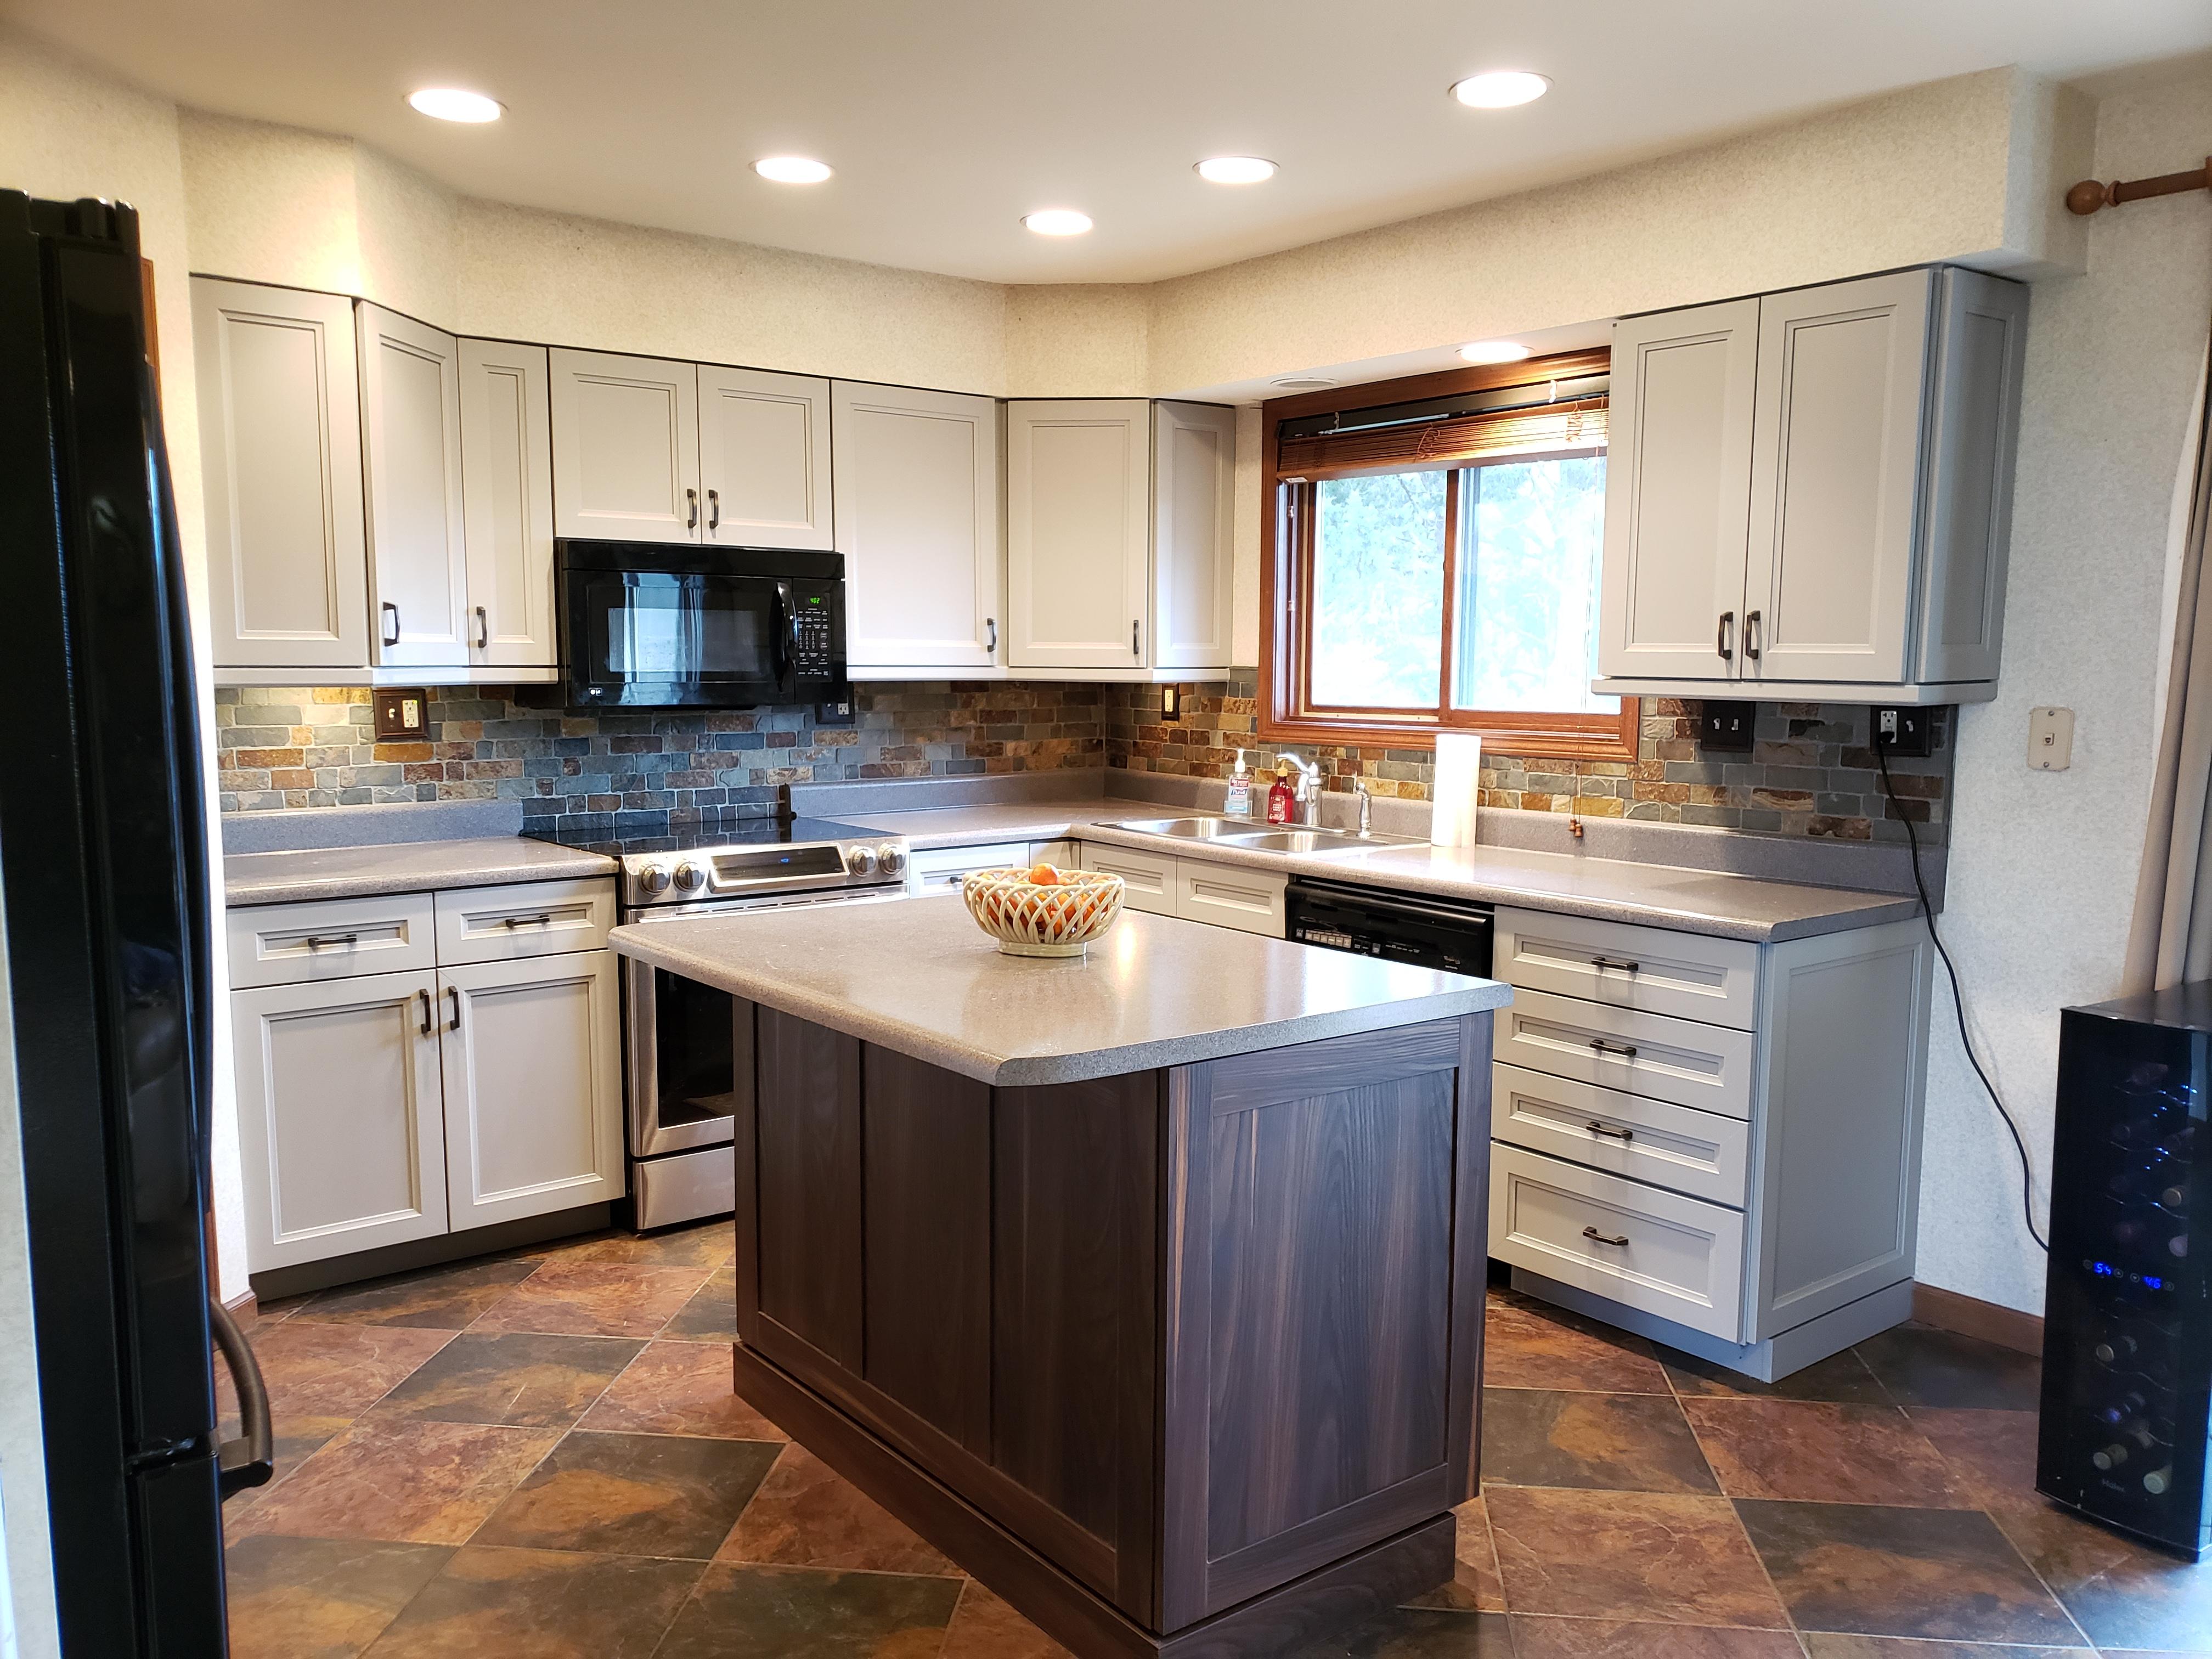 Replace Dated Oak Kitchen Doors To Gray Shaker Doors Video